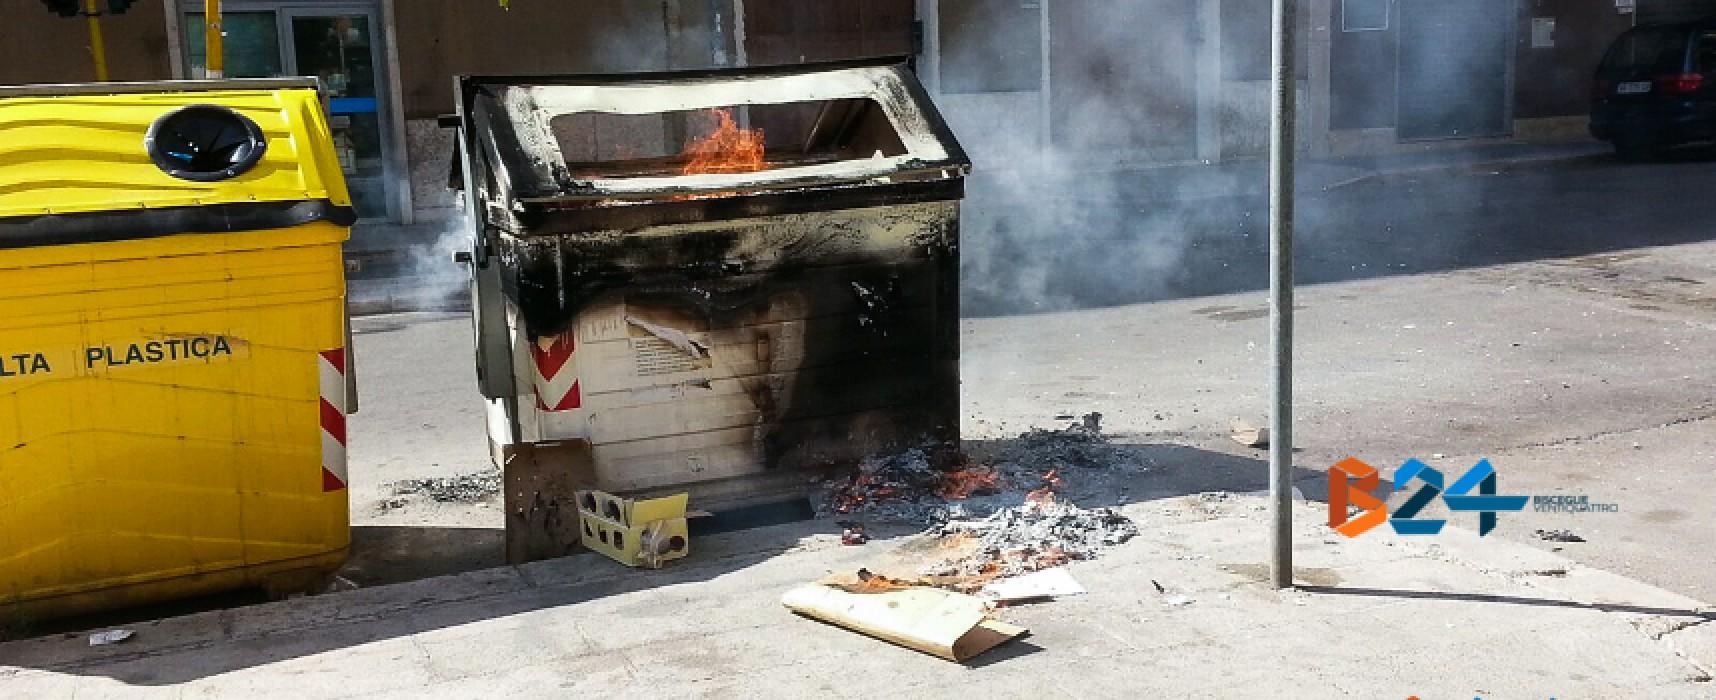 Atto vandalico in via della Repubblica, in fiamme un cassonetto /FOTO